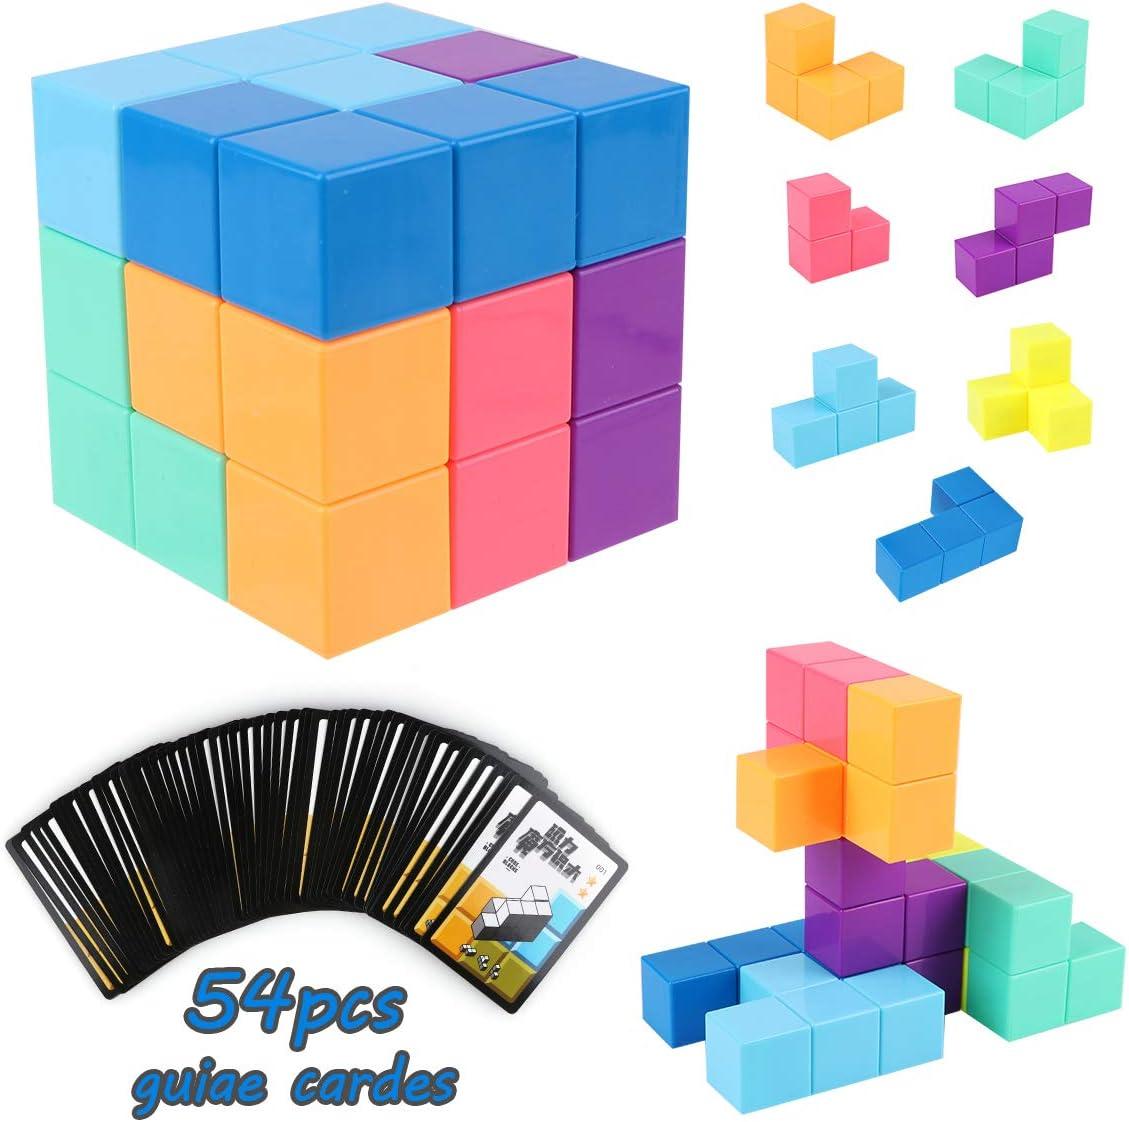 PROACC magn/éticos Cubo m/ágico Puzzle Bloques de construcci/ón magn/éticos 7 Ladrillos magn/éticos /& 54 Tarjetas Inteligentes Assembled Speed Cube Juguete para Ni/ños Juego de Entrenamiento Cerebral